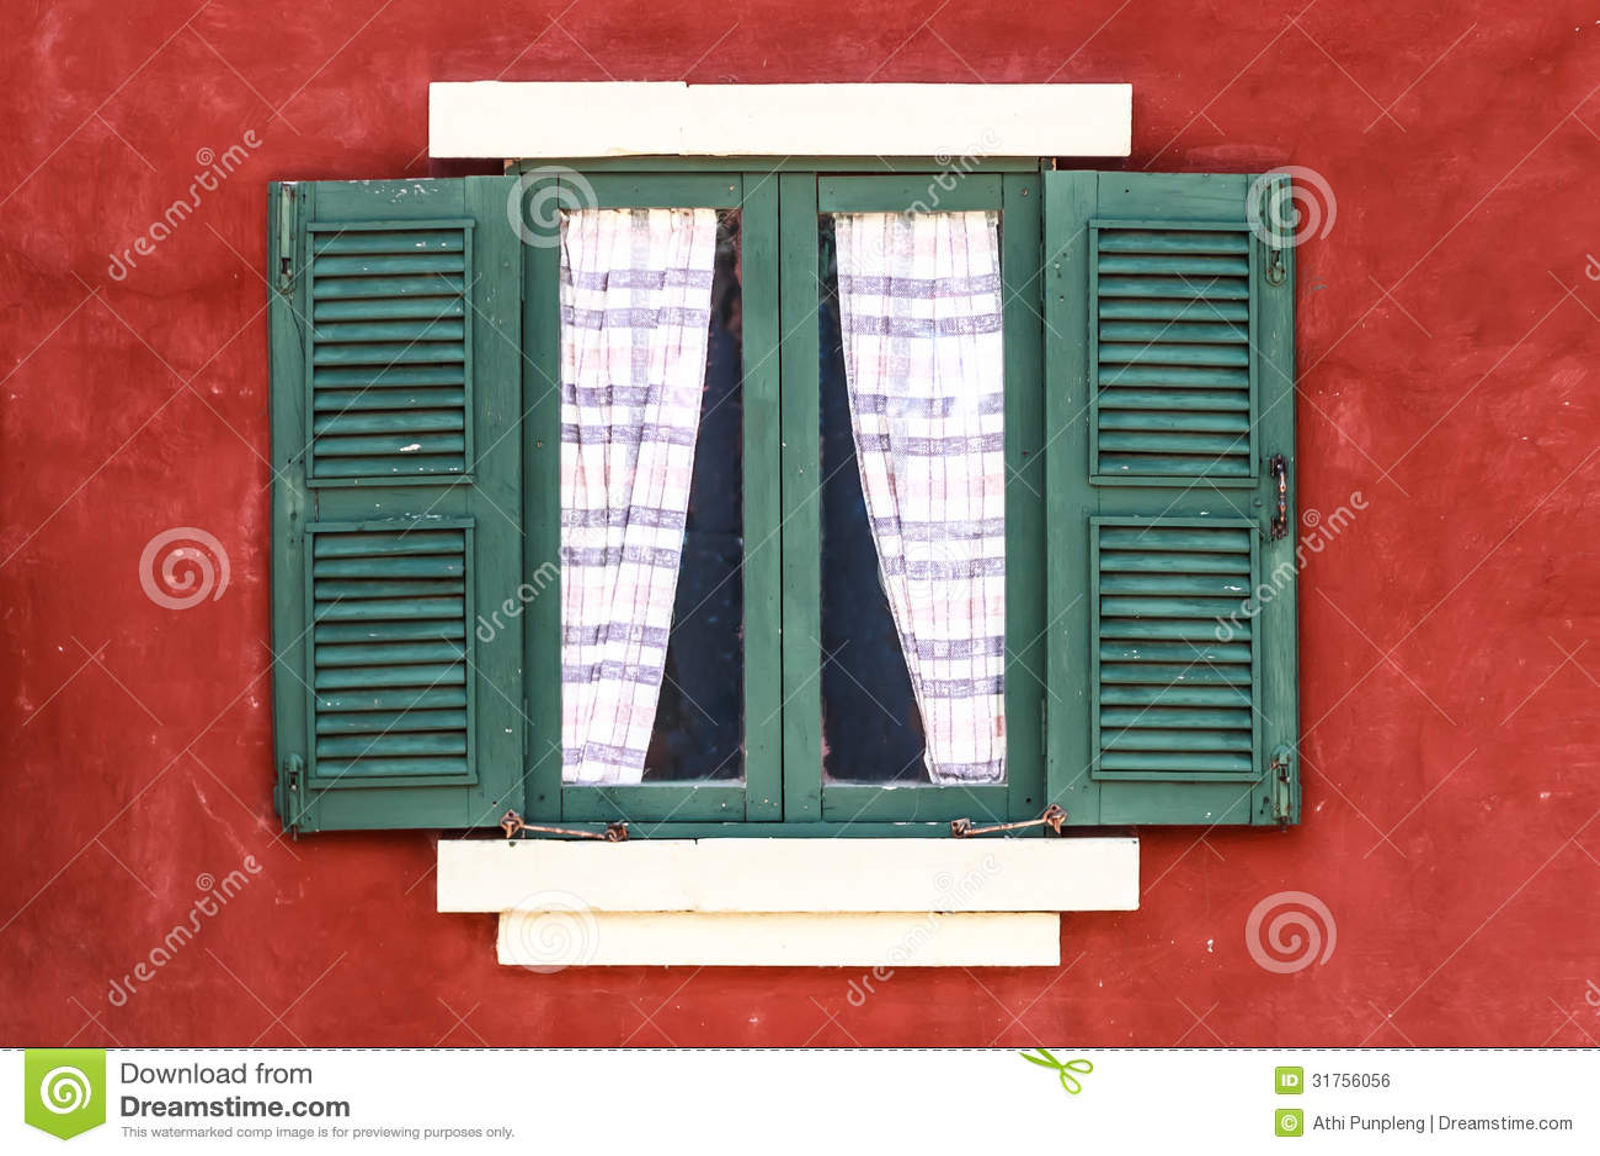 janela verde velha com cortina na parede vermelha 31756056.jpg #9C2E23 1300x956 Banheiro Com Cortina Na Janela